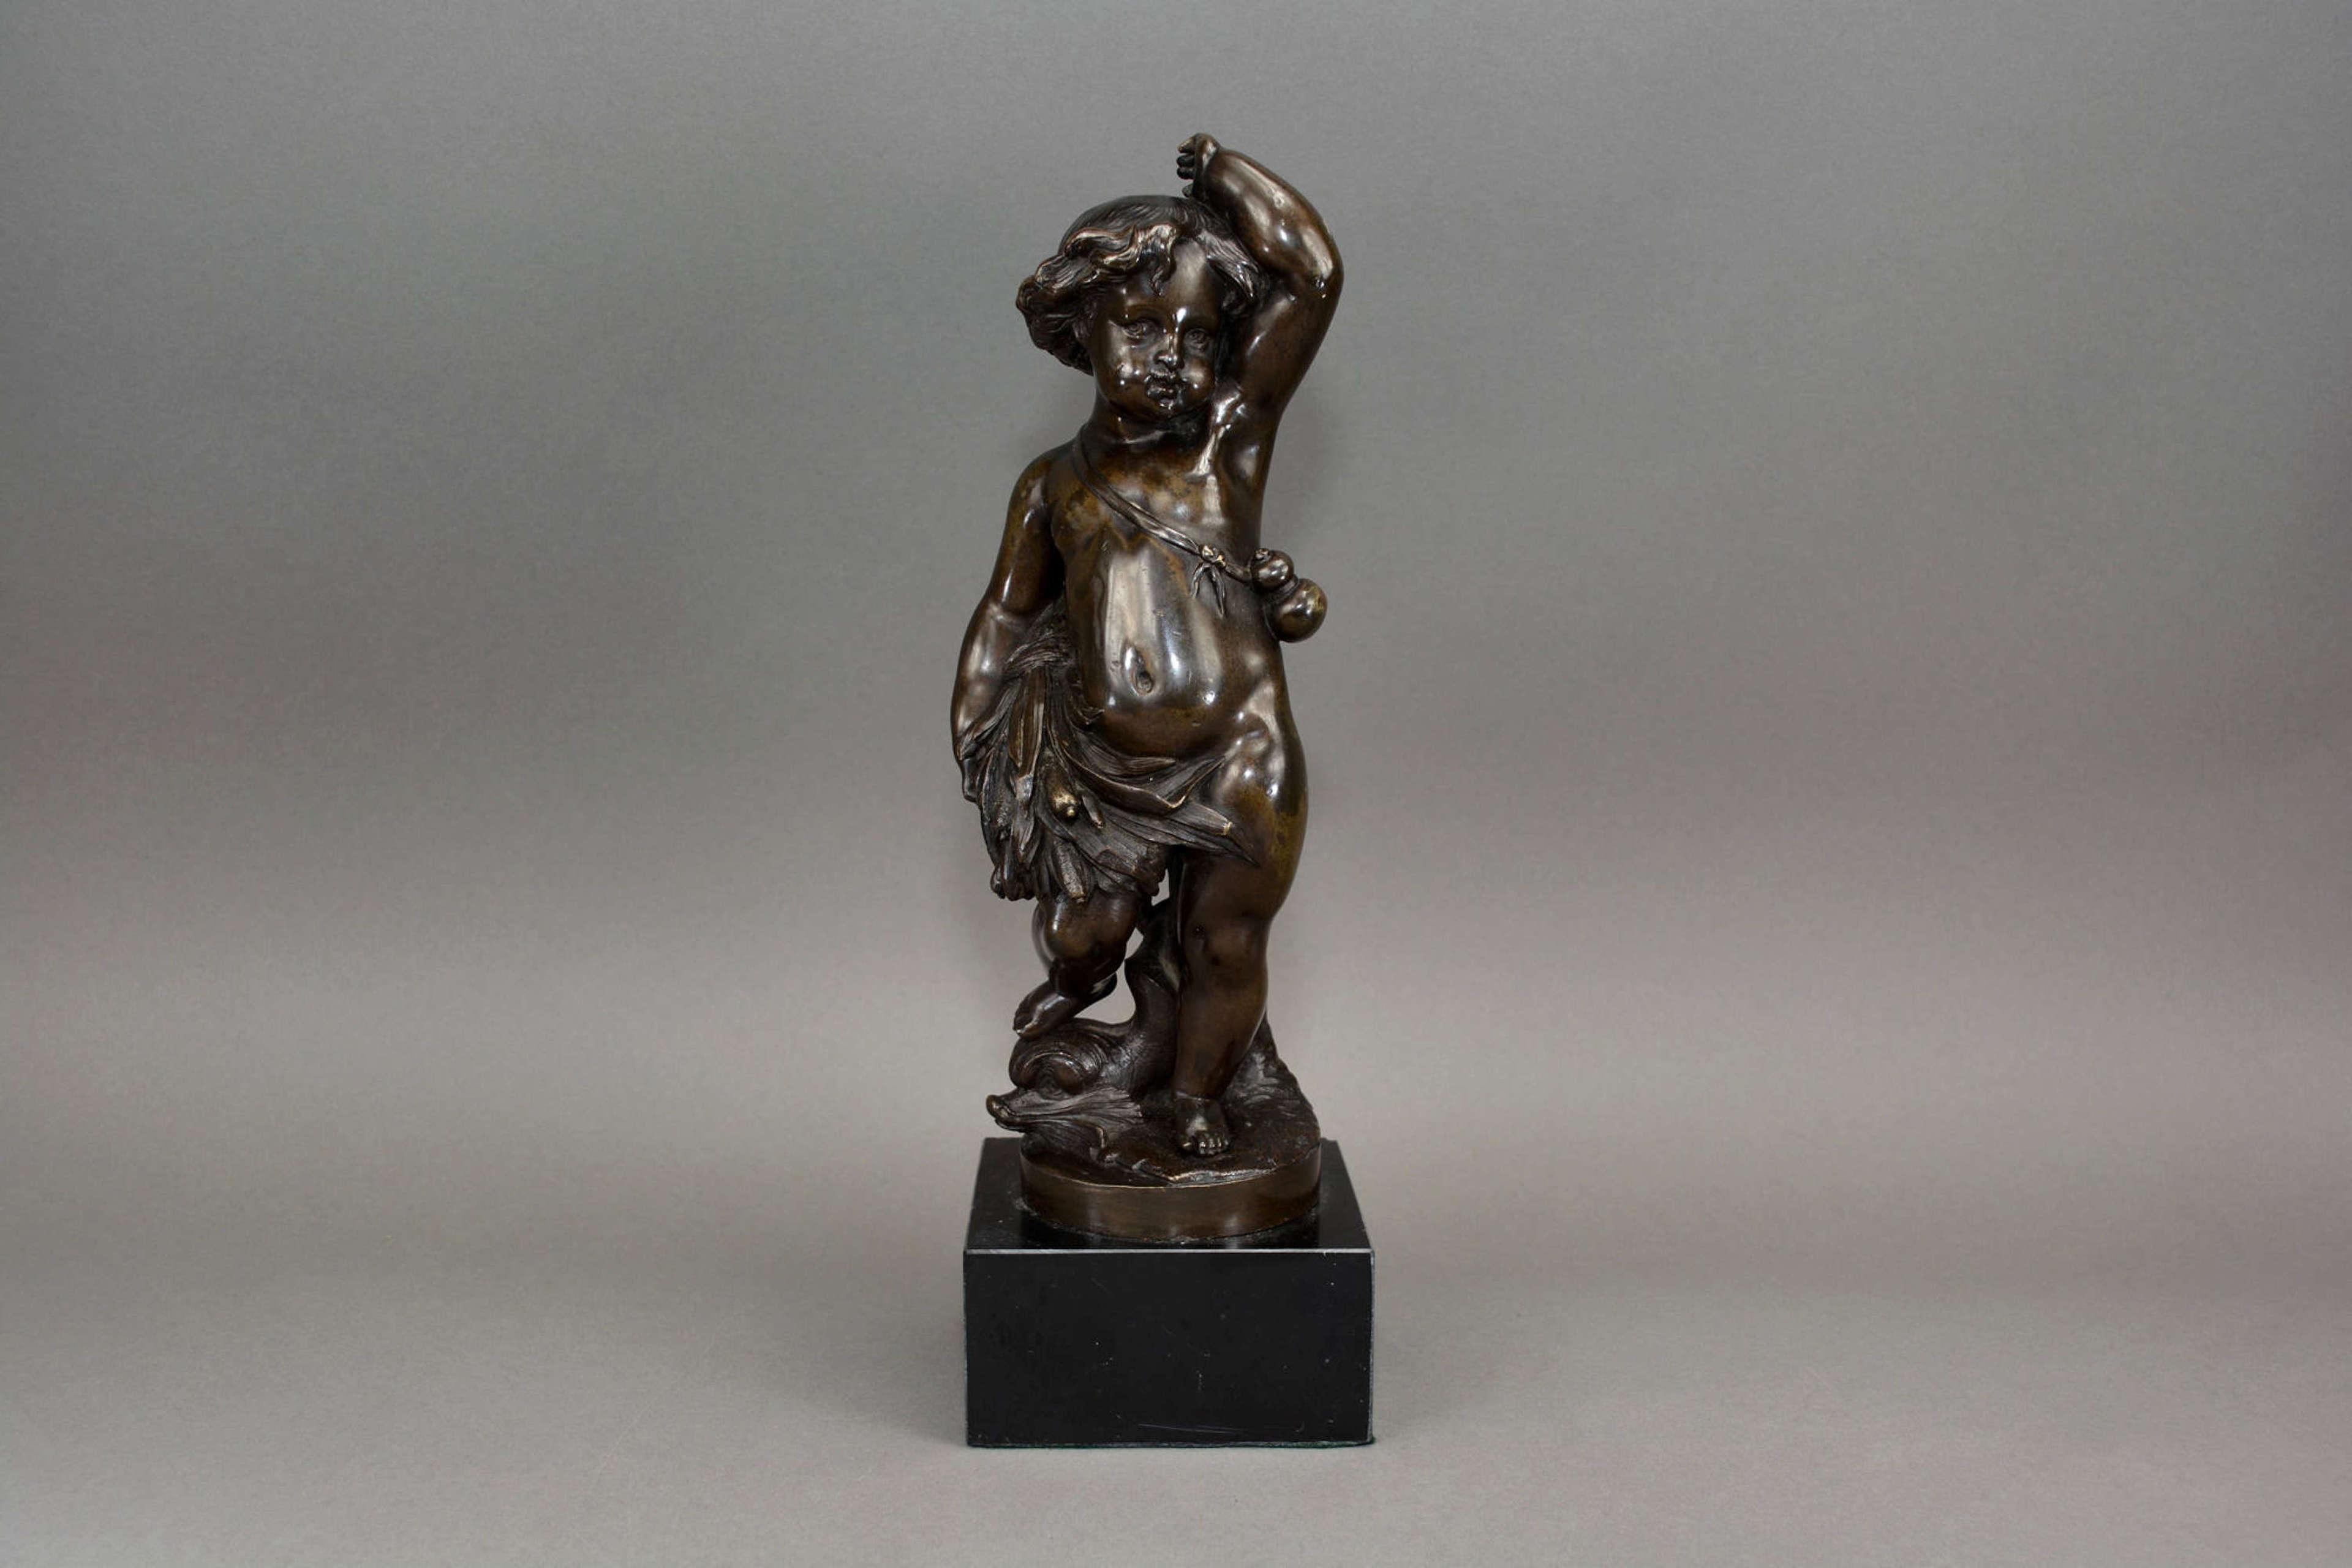 Antique bronze figure of a cherub holding a wheat sheaf